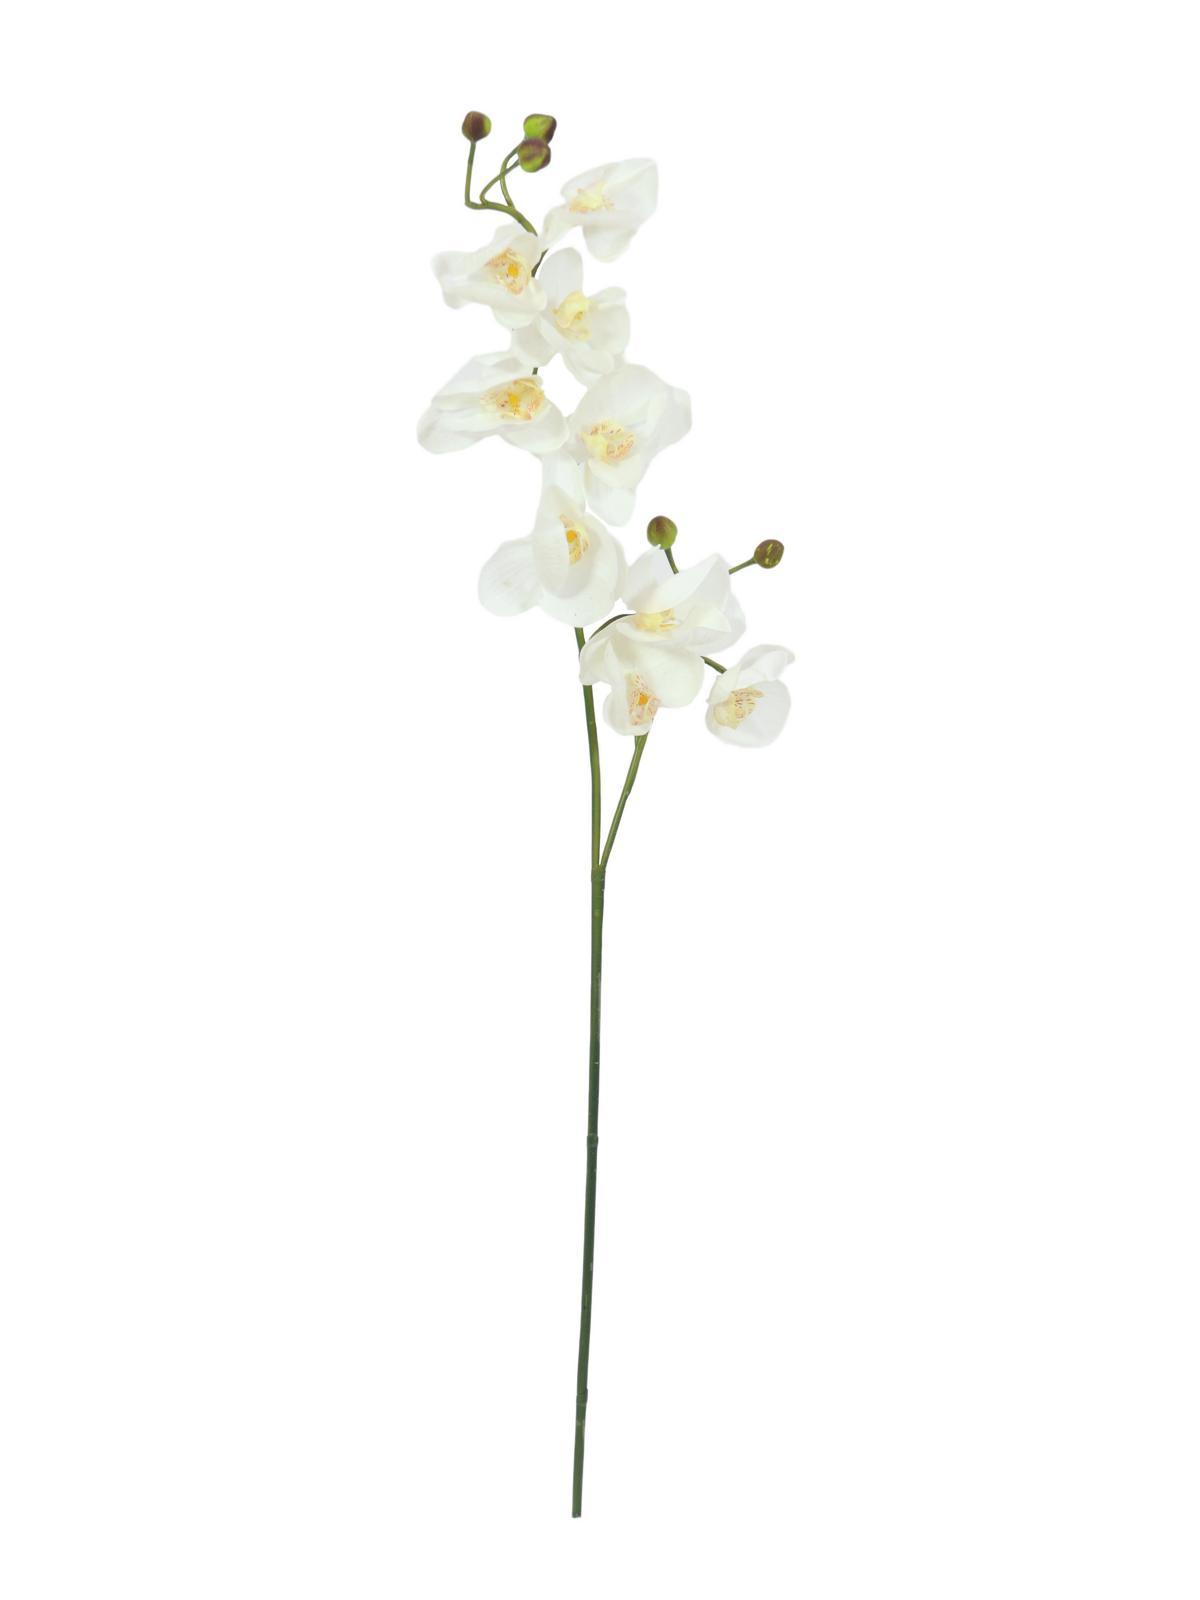 Billede af Kunstig Orchidspray, cream-white, 100cm